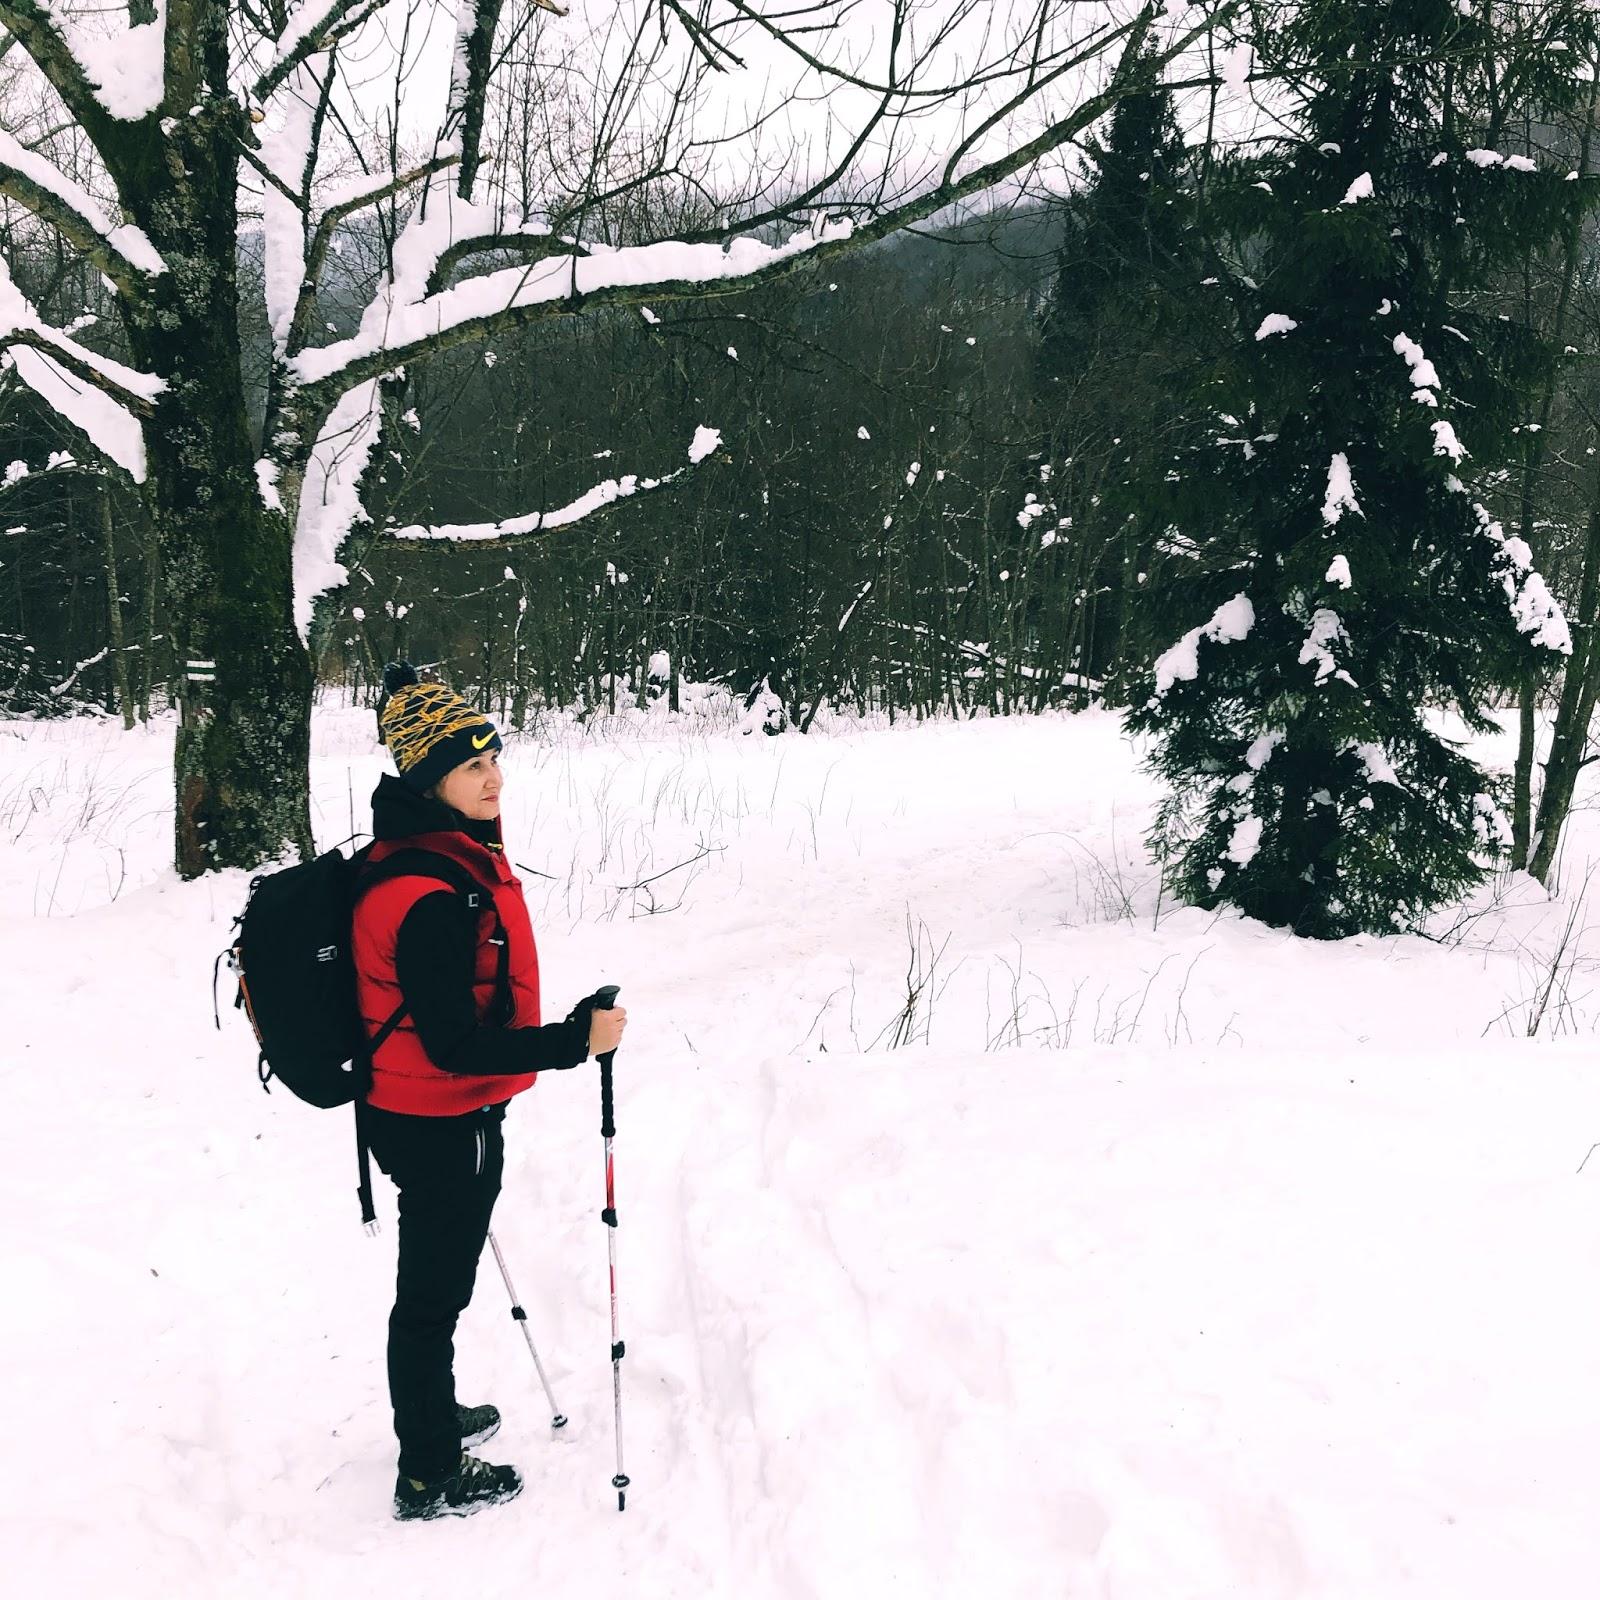 Zimowe Bieszczady - ścieżki spacerowe